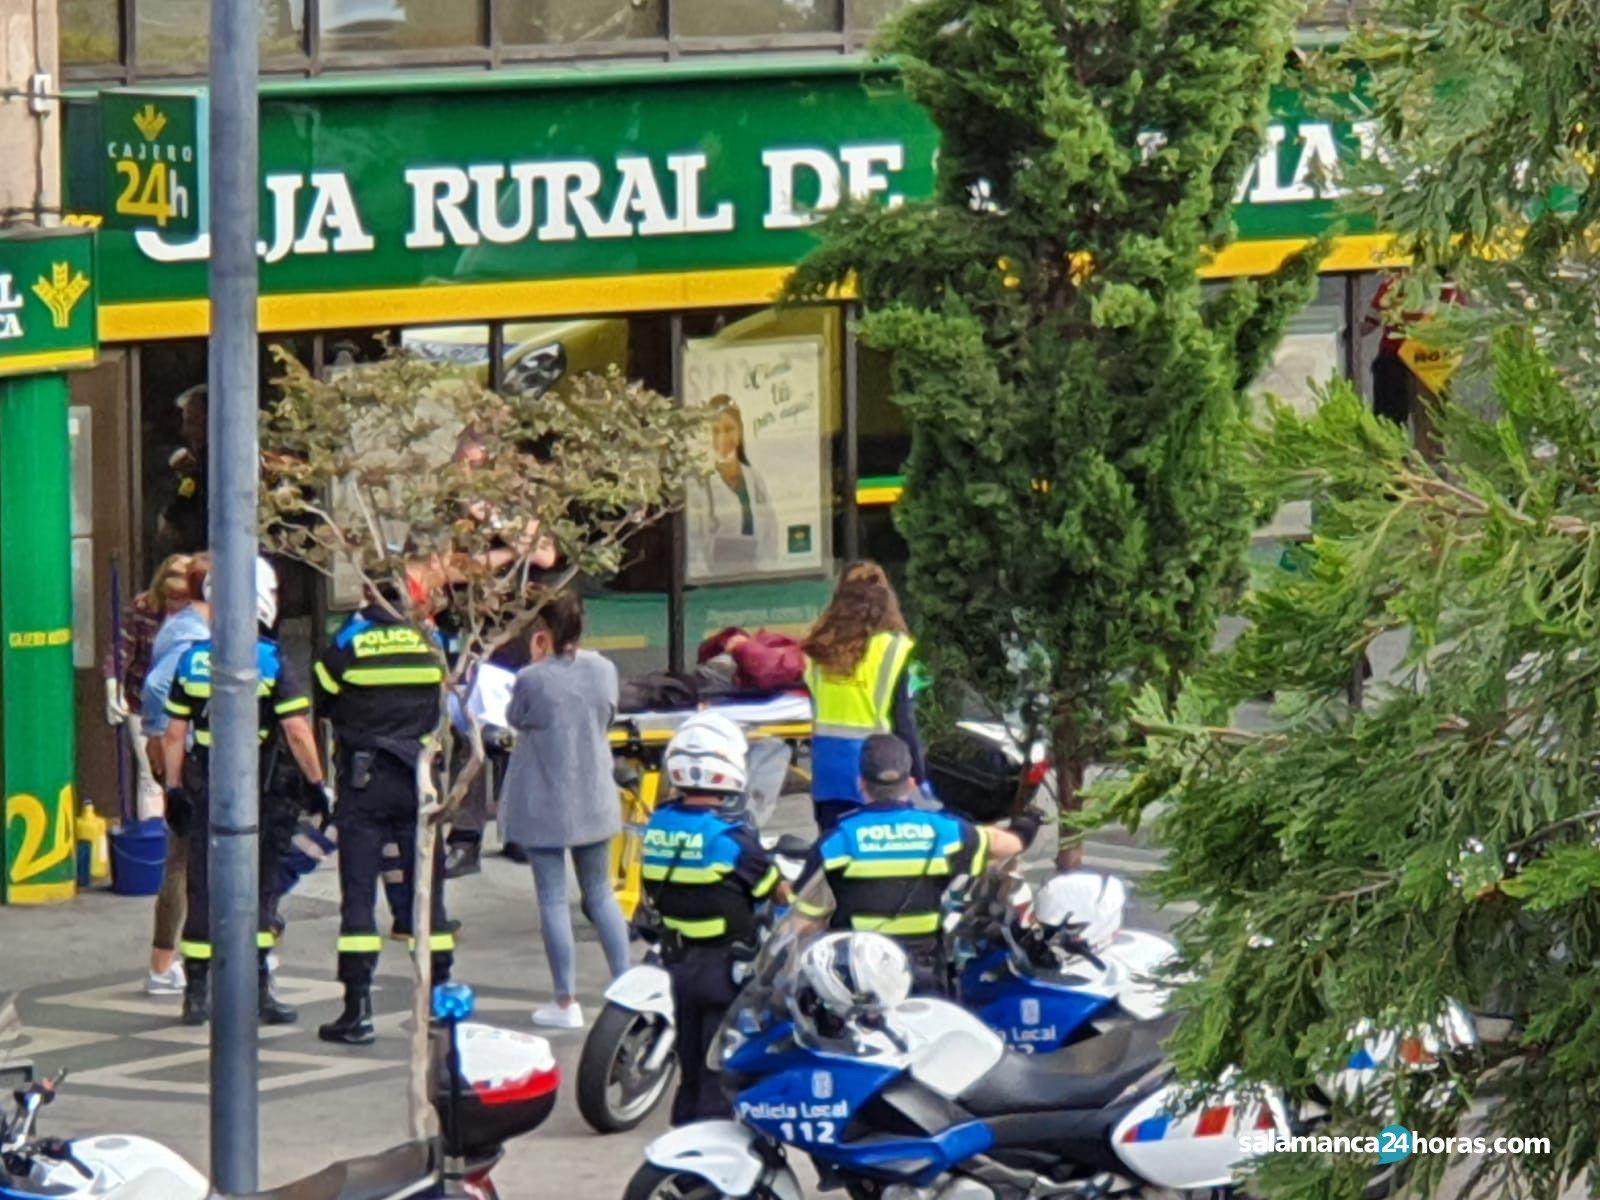 Policía con indigente en cajero de Caja Rural 4